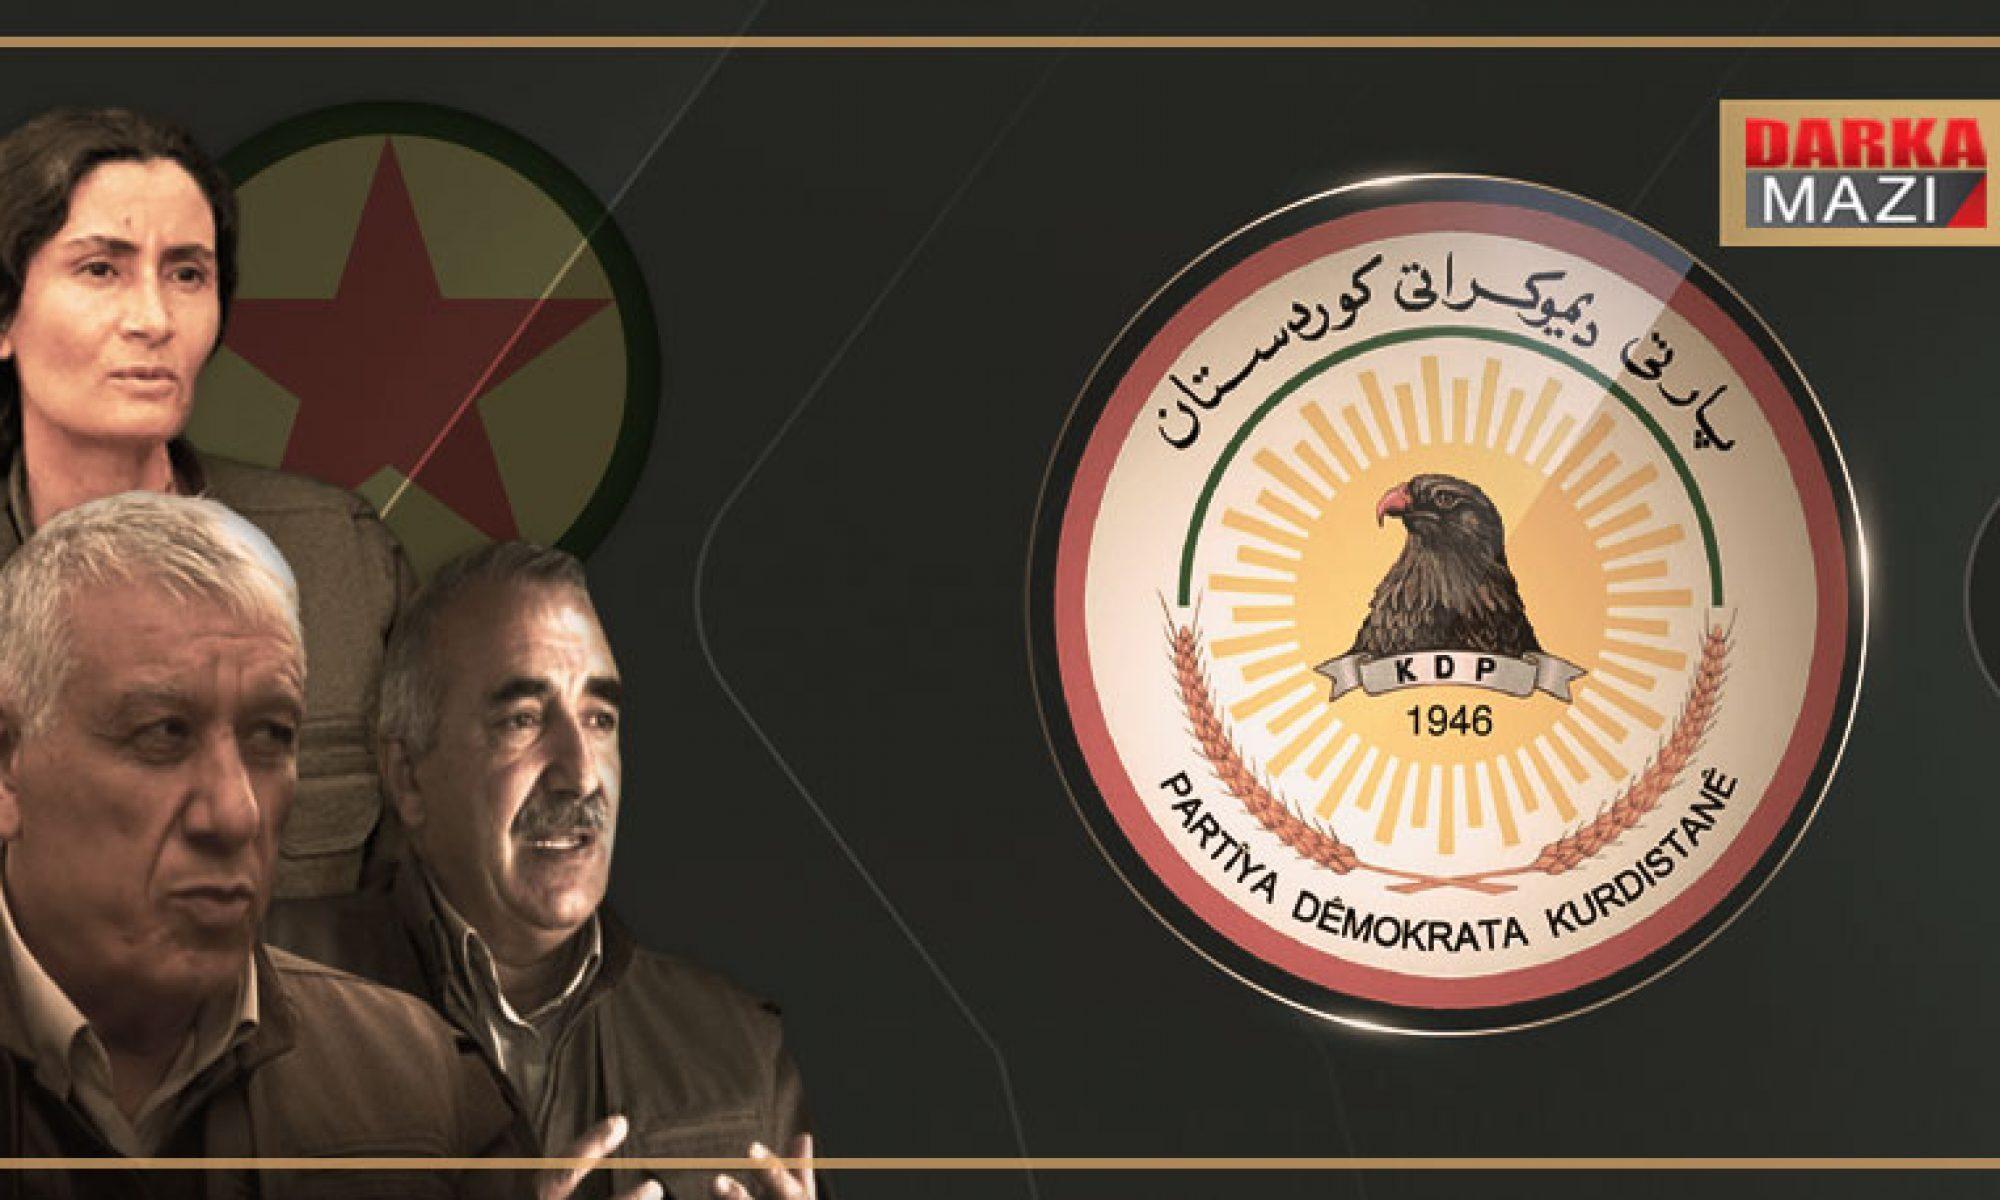 PDK'den PKK'ye: PKK işlediği suçlardan dolayı halk mahkemesine teslim edilmelidir Necat Hesen, Özgür Jiyanda, Süleymaniye,